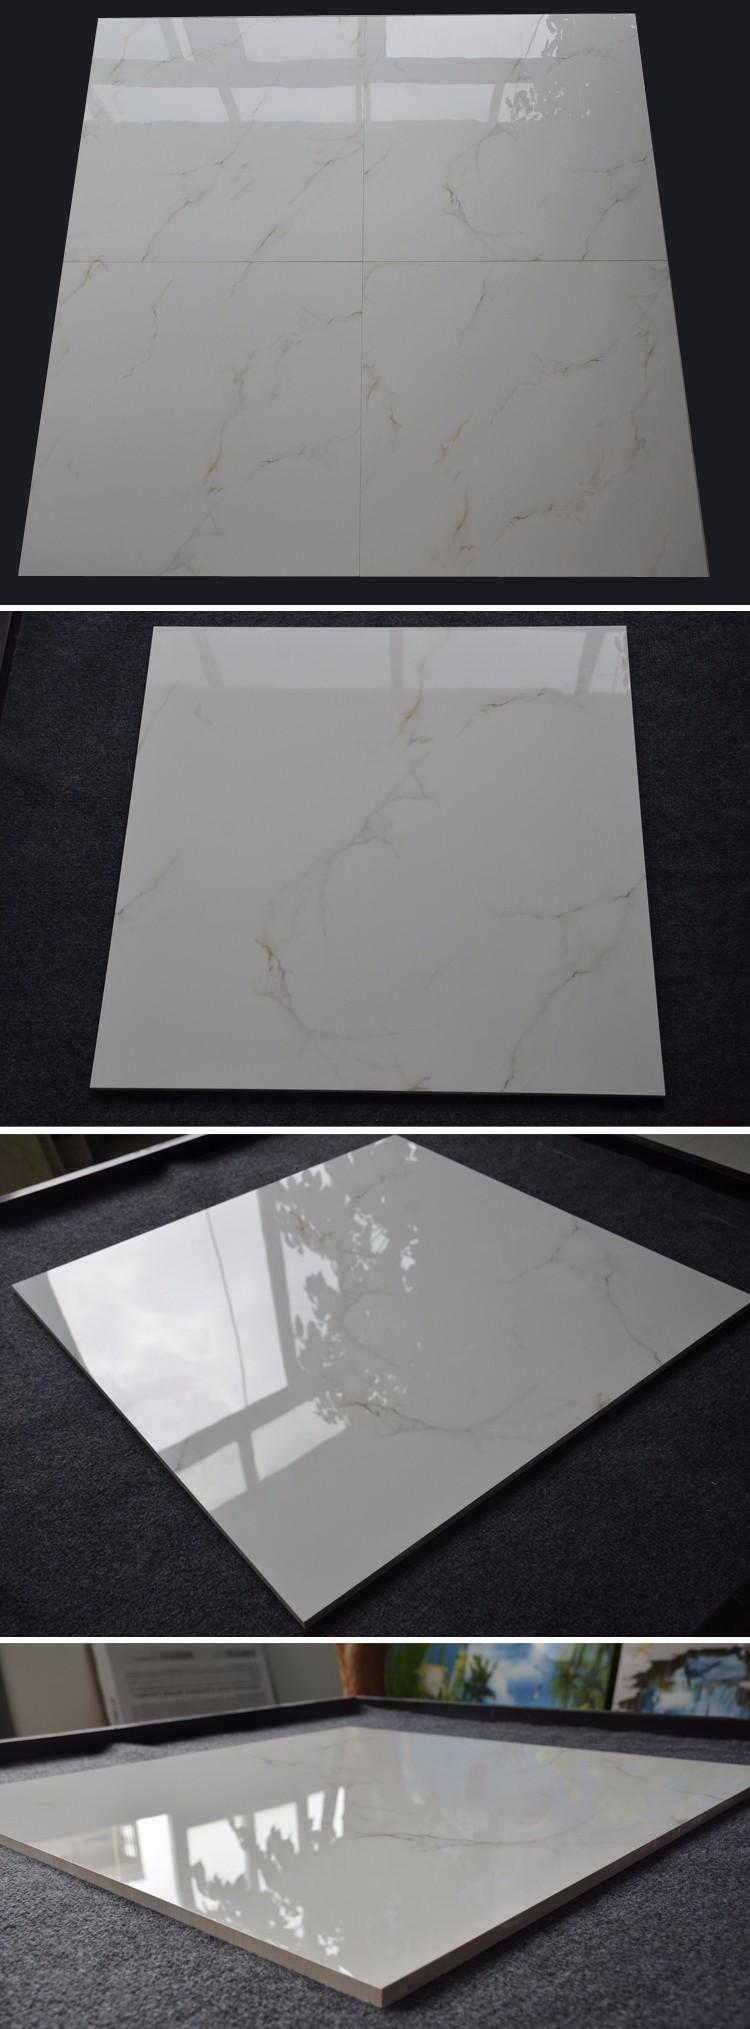 Hb6248 kajaria ceramic tiles in dubaiflooring stone marble white hb6248 kajaria ceramic tiles in dubaiflooring stone marble white dailygadgetfo Gallery